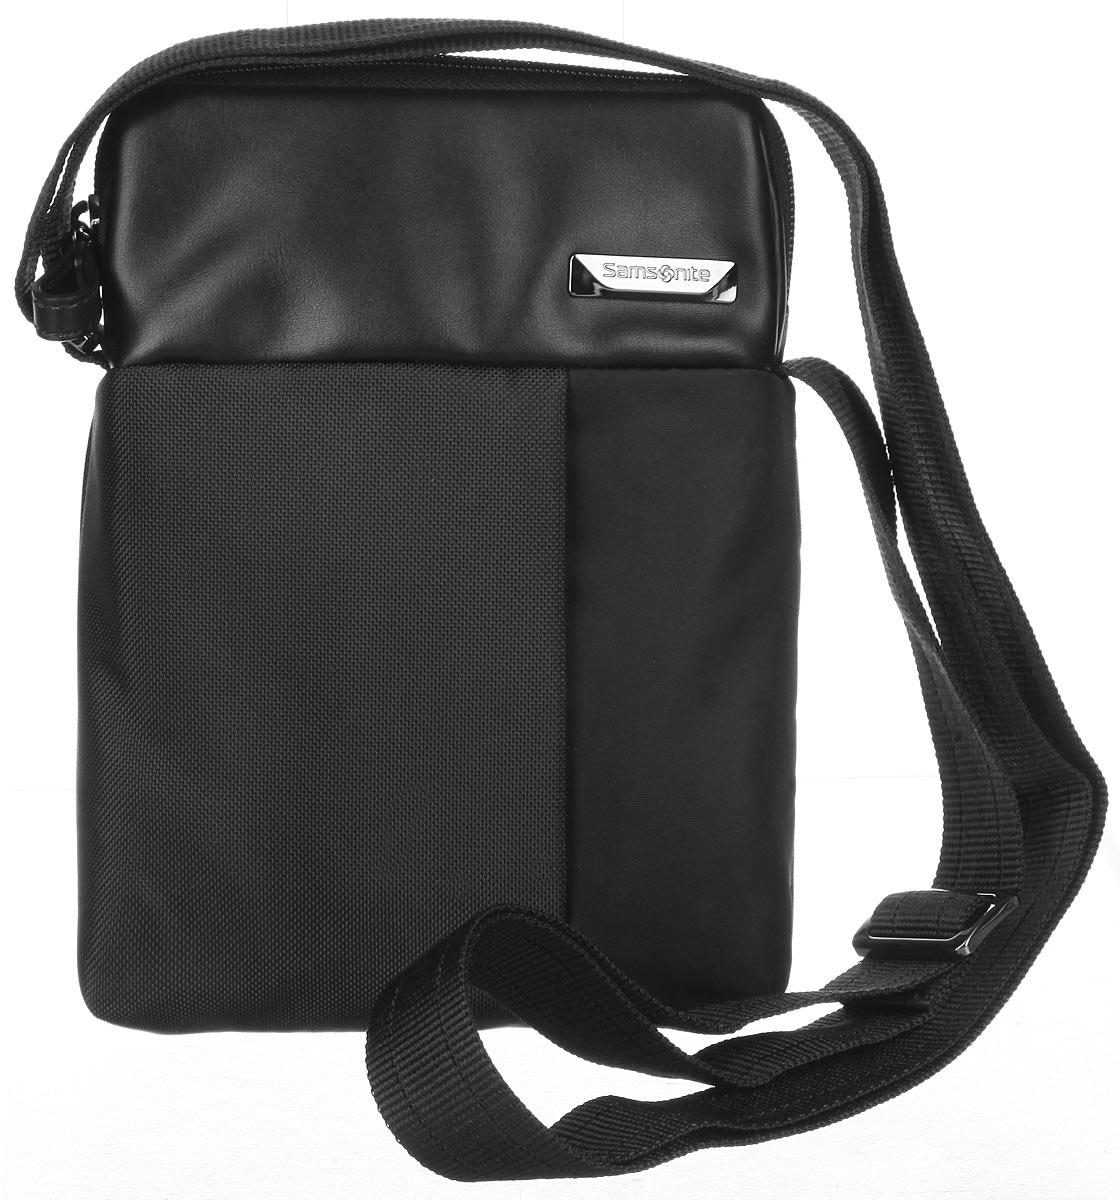 Сумка мужская Samsonite, цвет: черный. 49D-0900171069с-2Стильная мужская сумка Samsonite выполнена из нейлона и полиуретана, оформлена металлической фурнитурой с символикой бренда.Изделие содержит одно основное отделение, закрывающееся на застежку-молнию. Внутри сумки расположен небольшой встроенный органайзер, включающий в себя два фиксатора для ручек и два кармашка для пластиковых карт. Задняя сторона сумки дополнена накладным карманом на застежке-липучке. На лицевой стороне расположен скрытый кармашек на молнии. Изделие оснащено практичным плечевым ремнем регулируемой длины.Сегодня мужская сумка - необходимый аксессуар для современного мужчины.